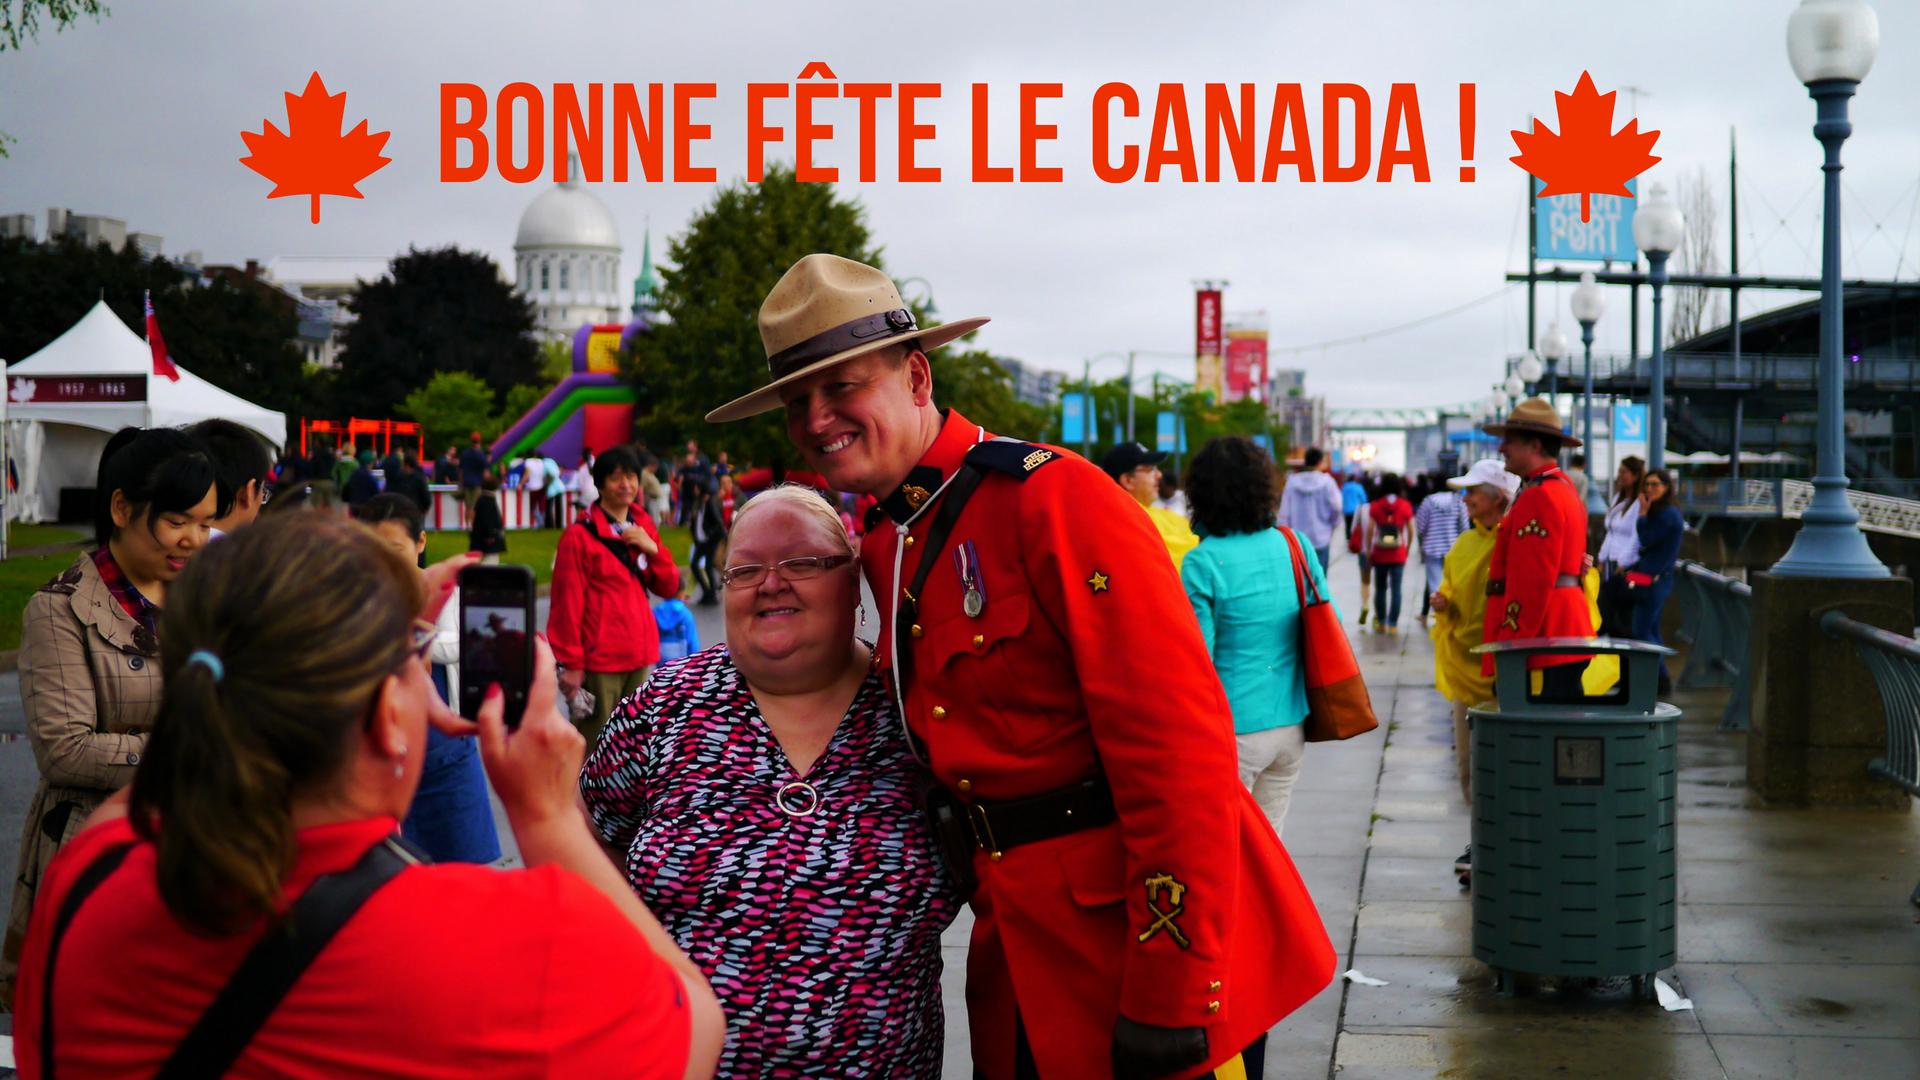 Bonne fête le Canada